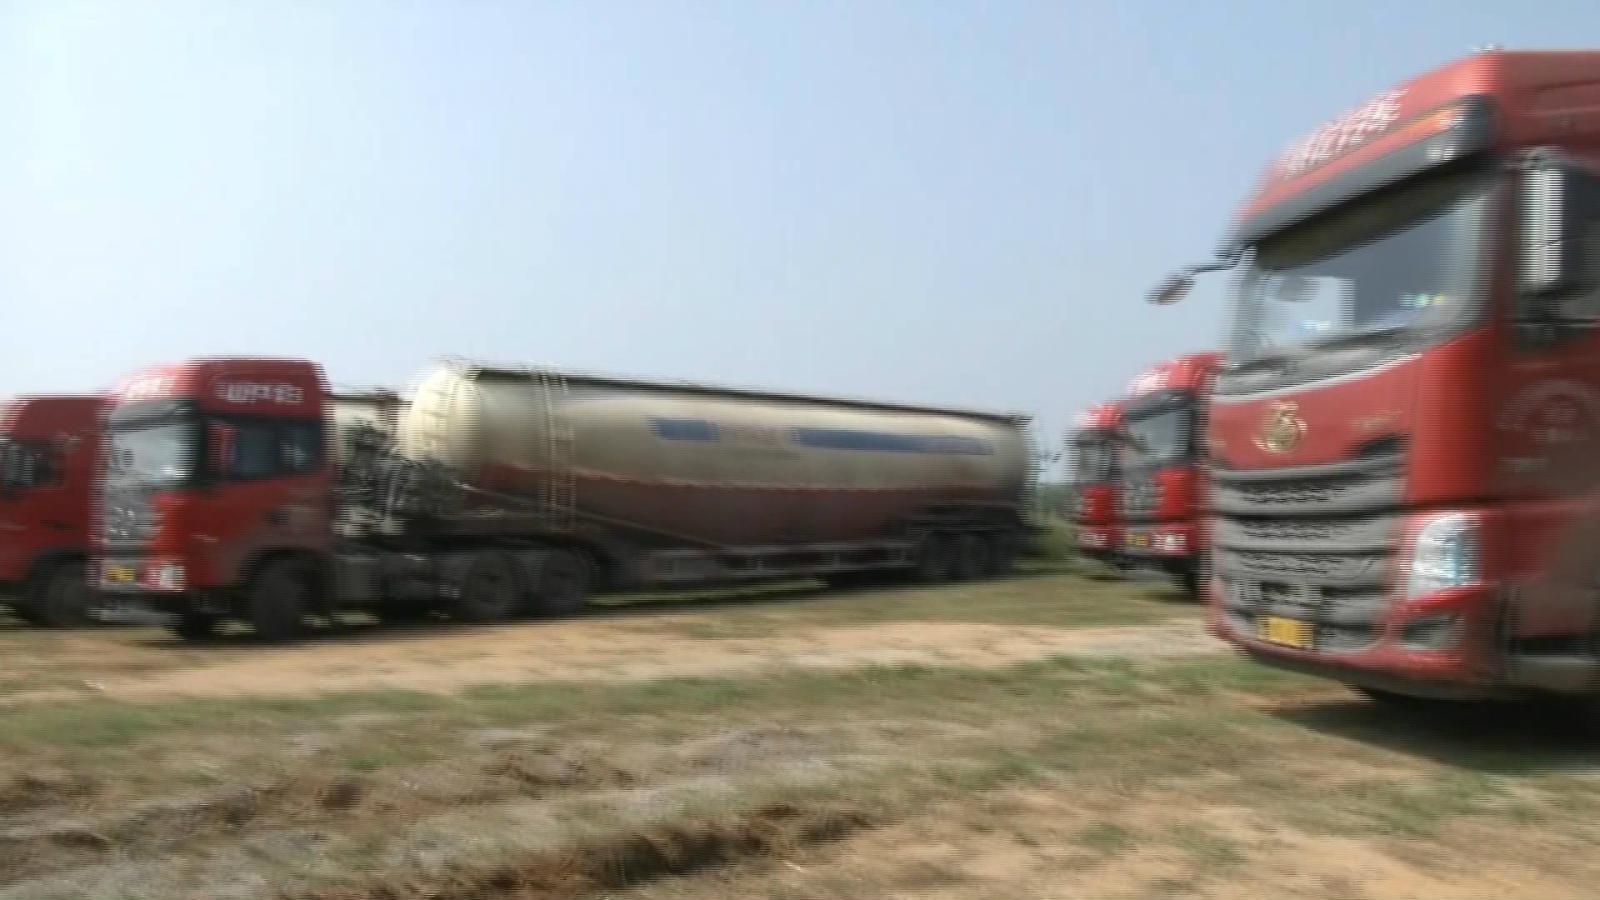 48秒丨心存侥幸!16辆大货车结伴超载被烟台民警一举查获